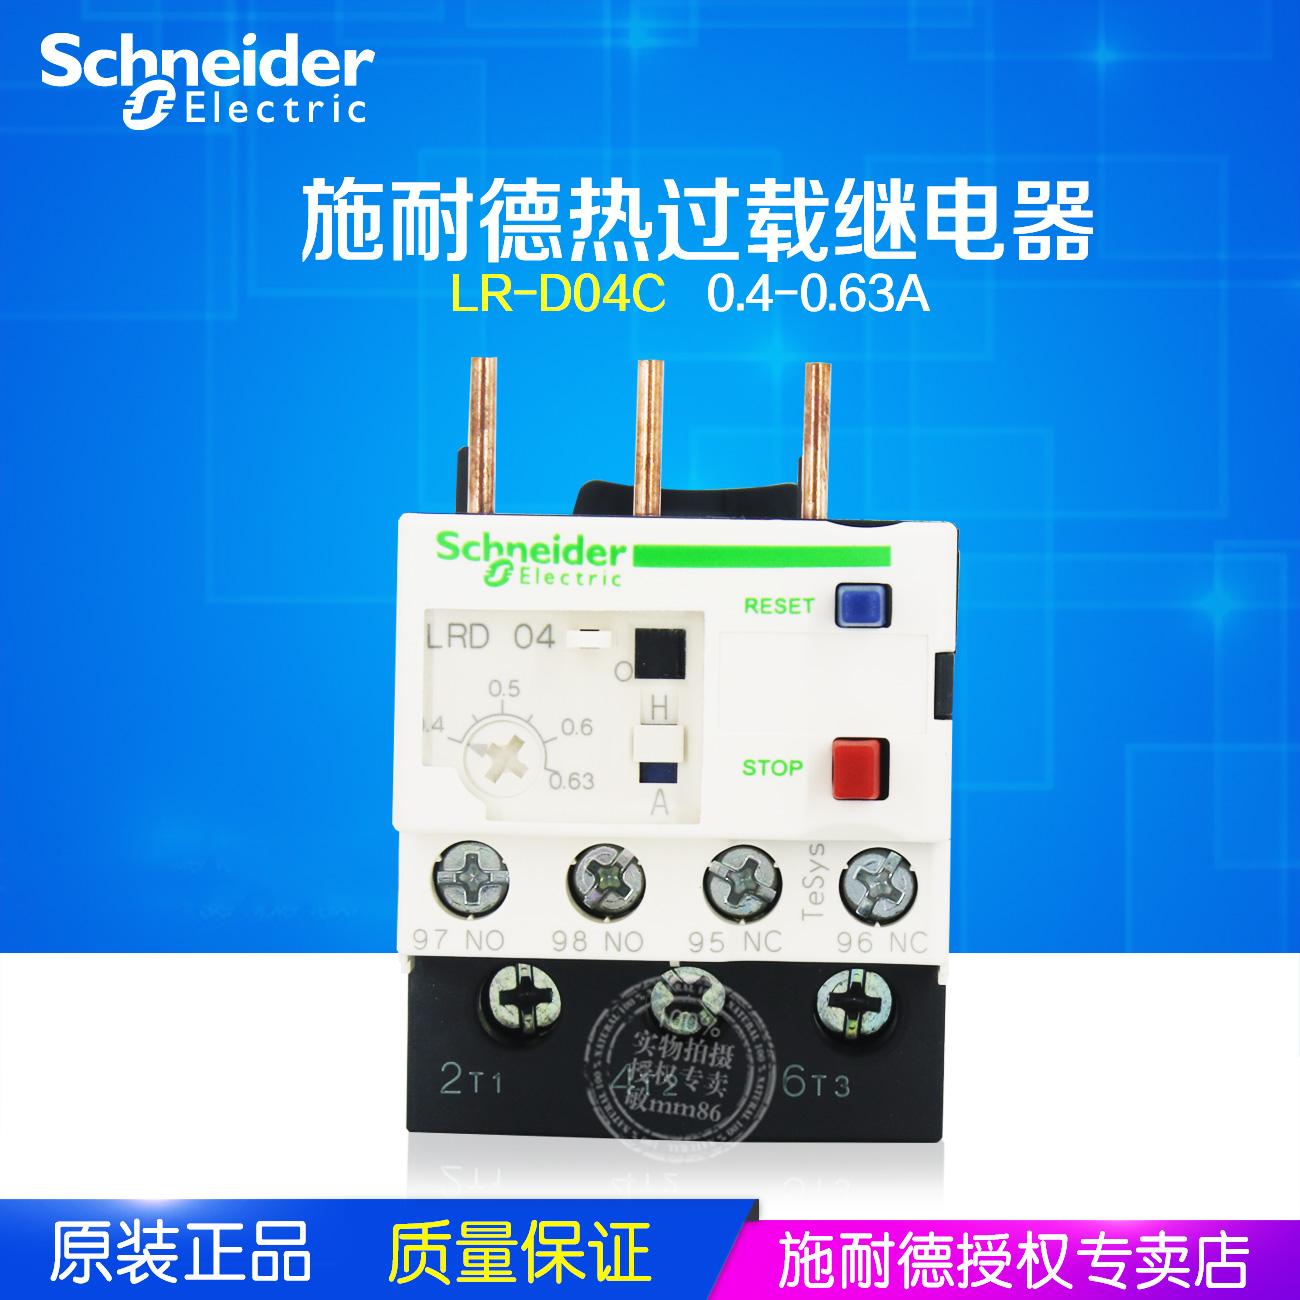 【100% качественная оригинальная продукция 】 применять сопротивление мораль горячей живая нагрузка реле LRD04C LR-D04C 0.4-0.63A